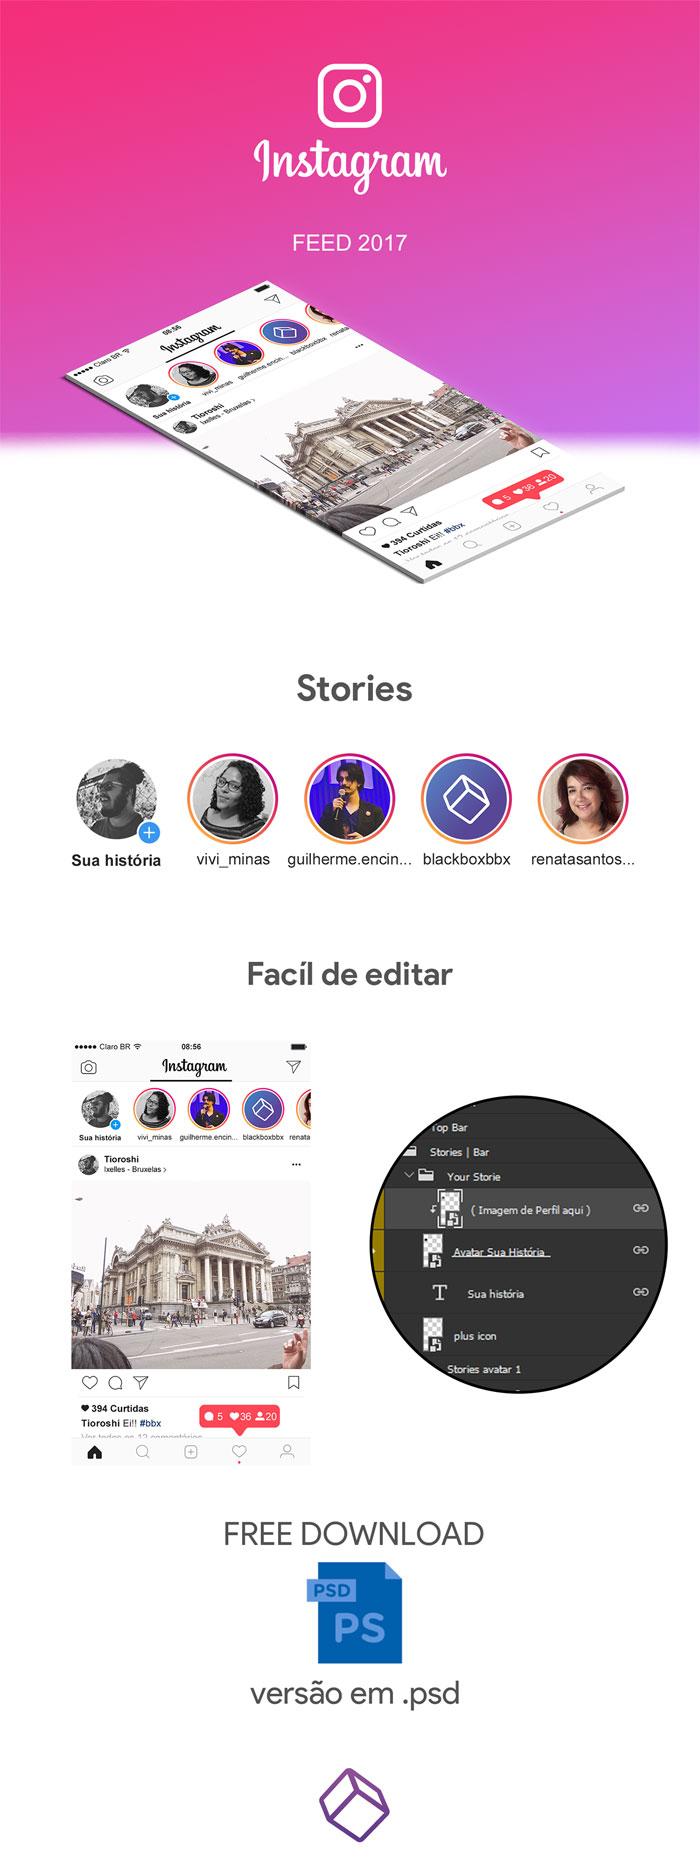 36f3c351372167.58ebc0871761 Plantillas de Instagram Mockup para descargar para sus presentaciones